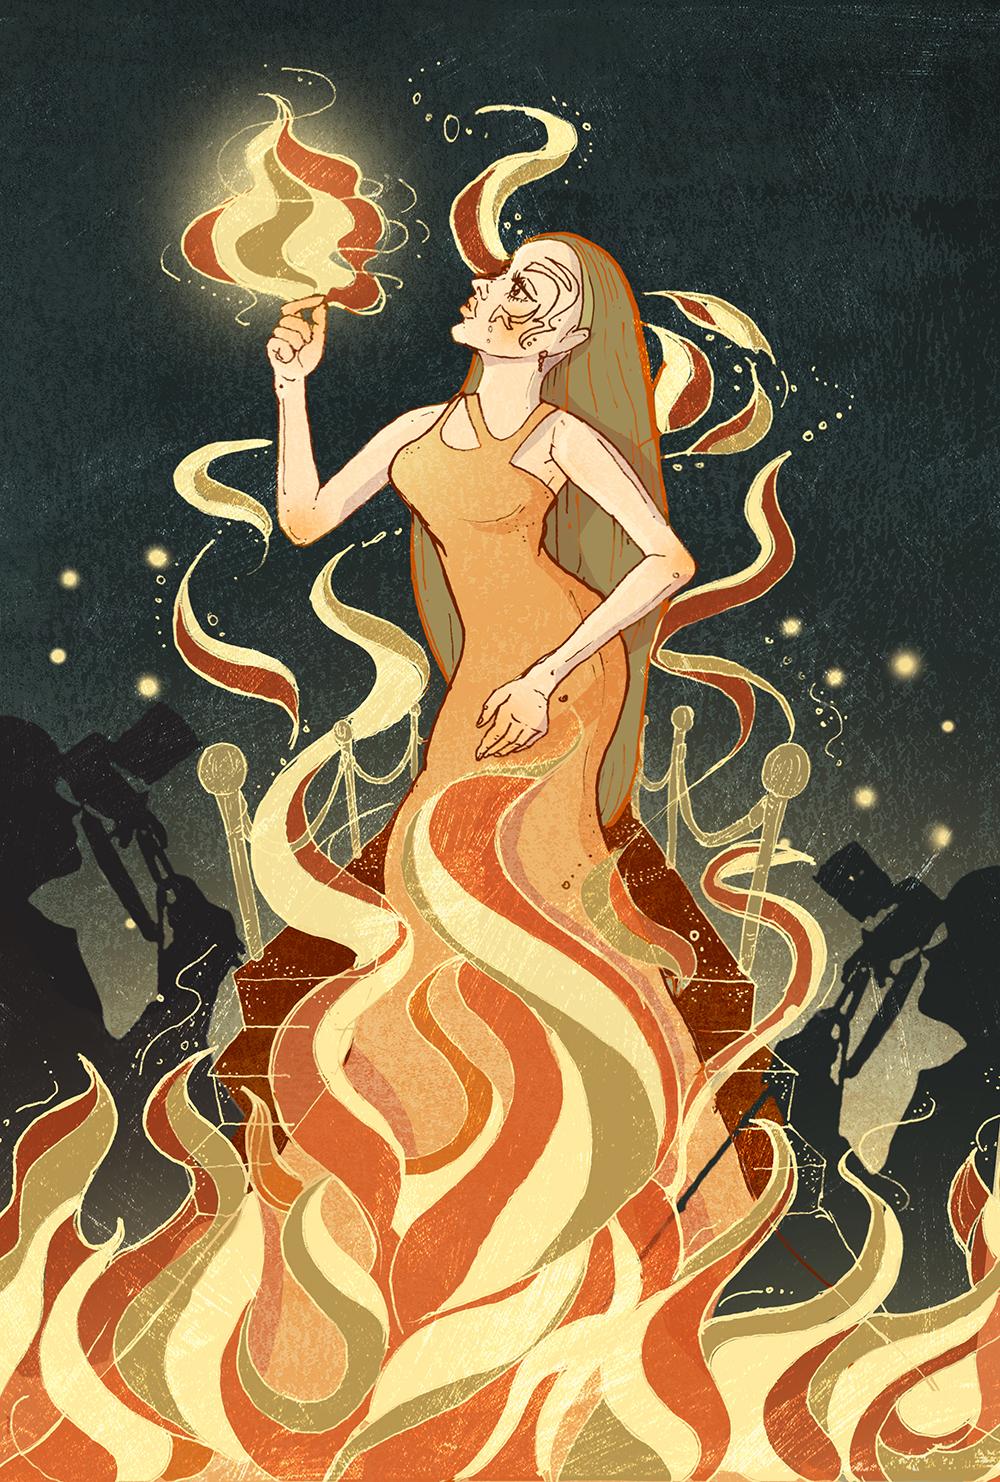 Illustration by Alwyn Tsang